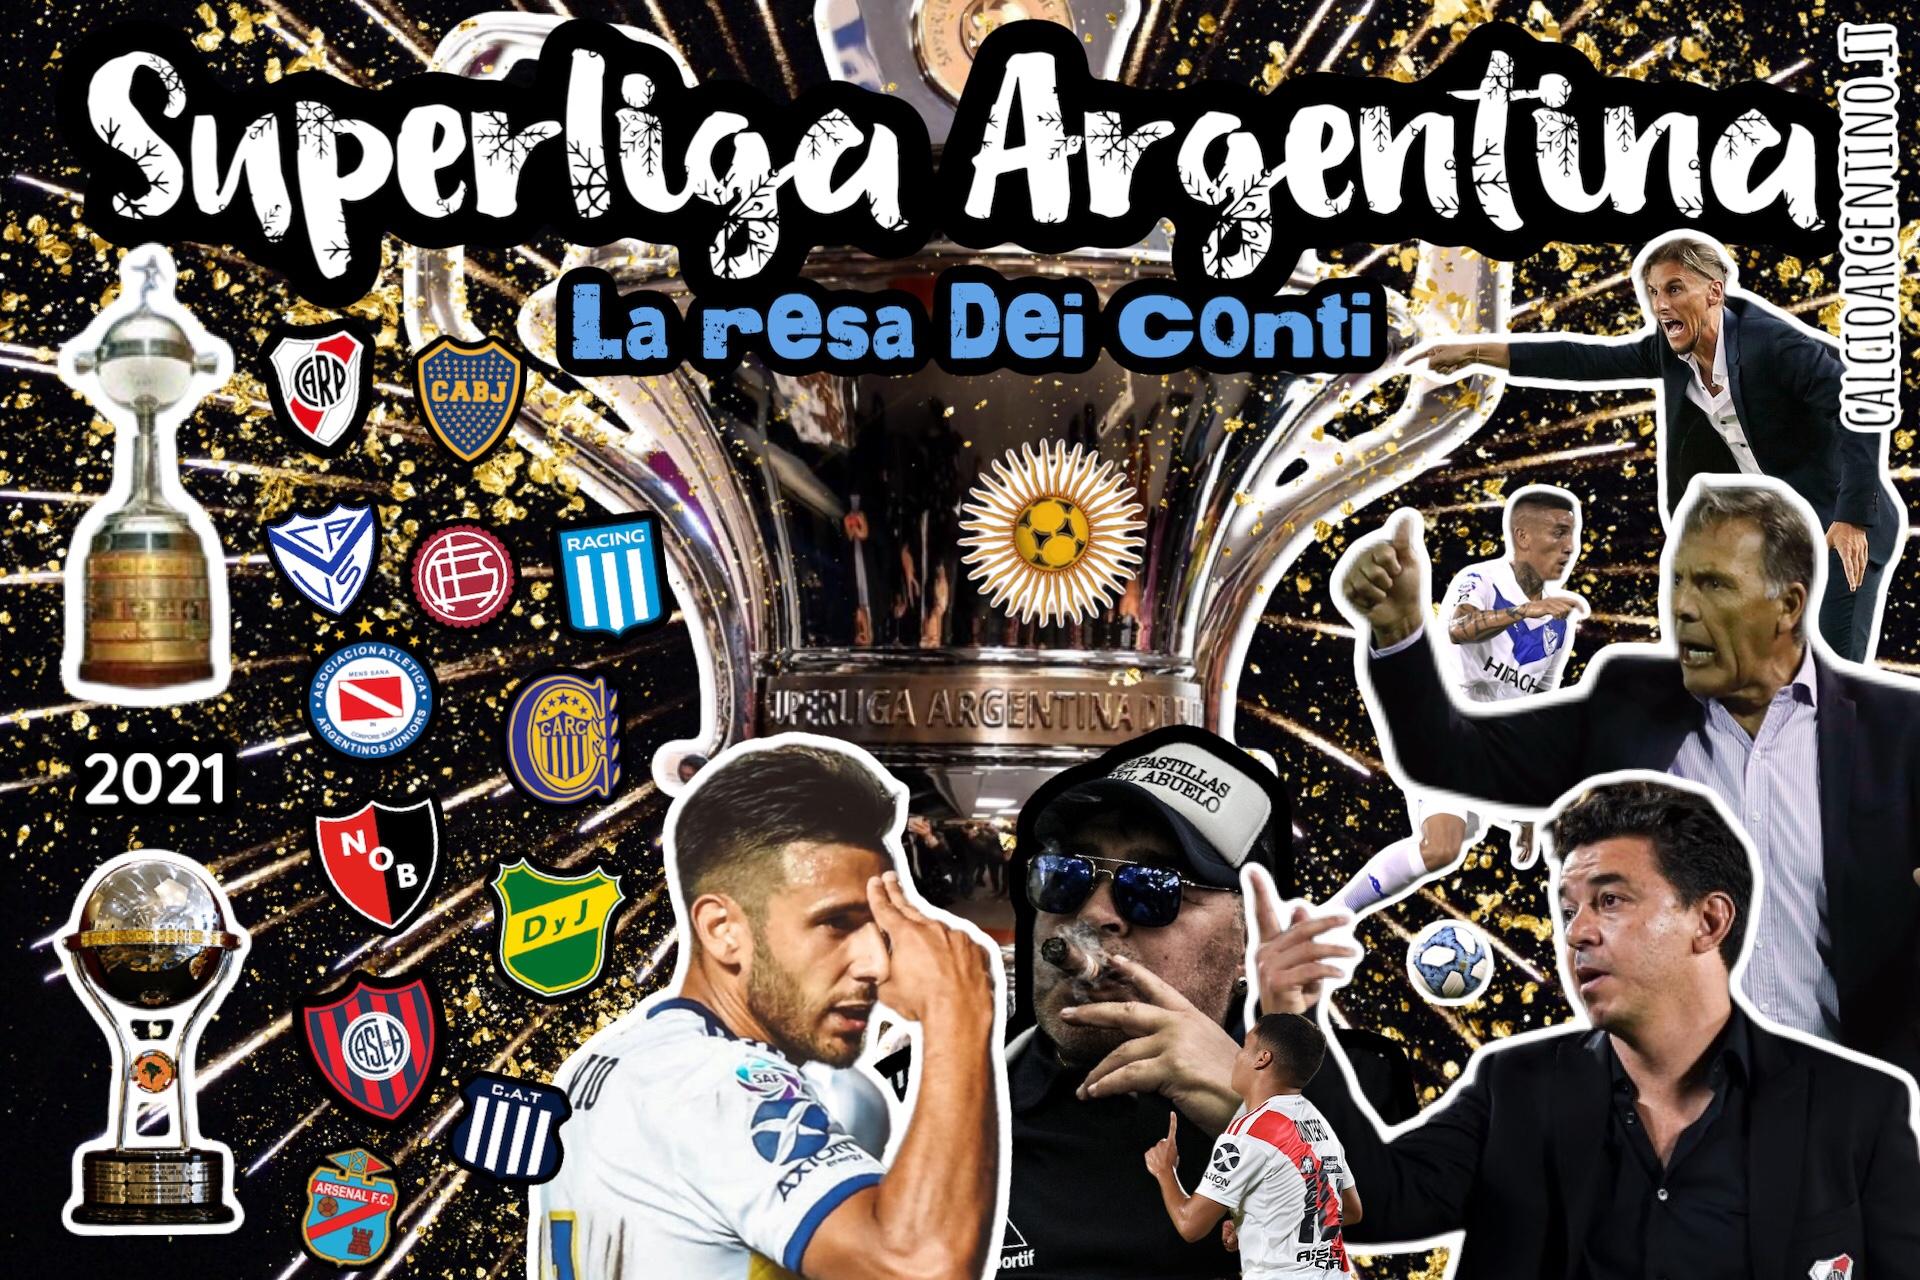 Superliga Argentina – La resa dei conti